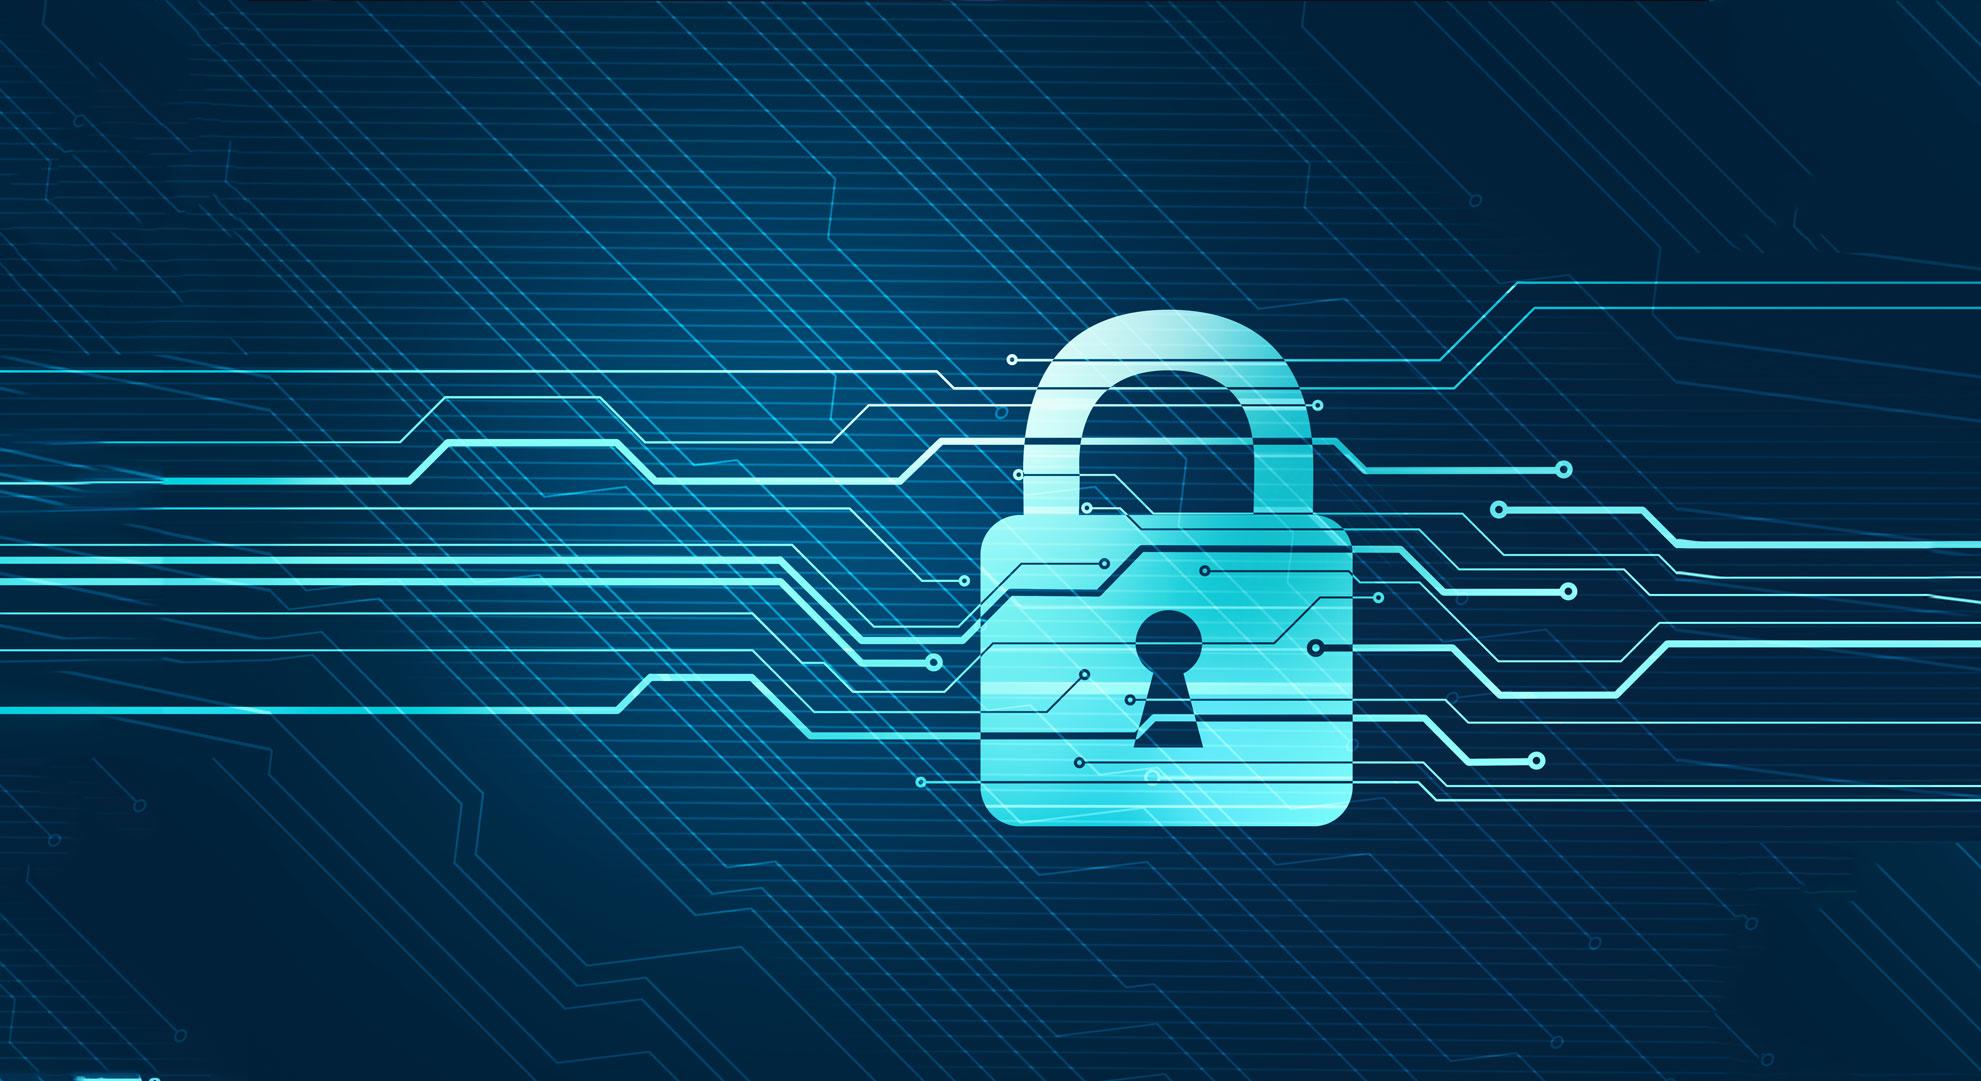 cielo seguridad del estado seguridad informática